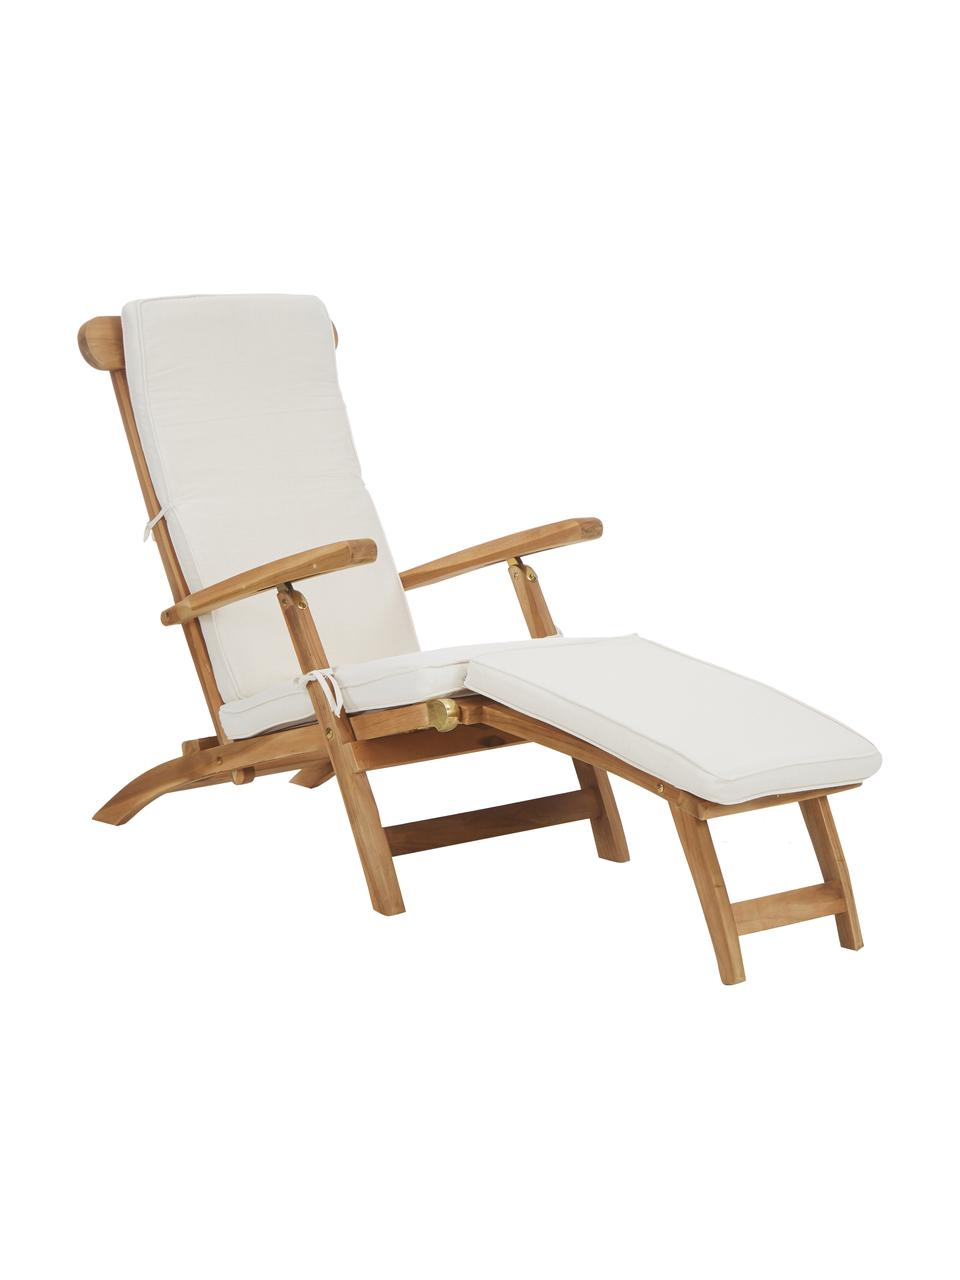 Sedia a sdraio in teak con rivestimento in cotone Arrecife, Legno di teak, bianco crema, Larg. 150 x Alt. 80 cm